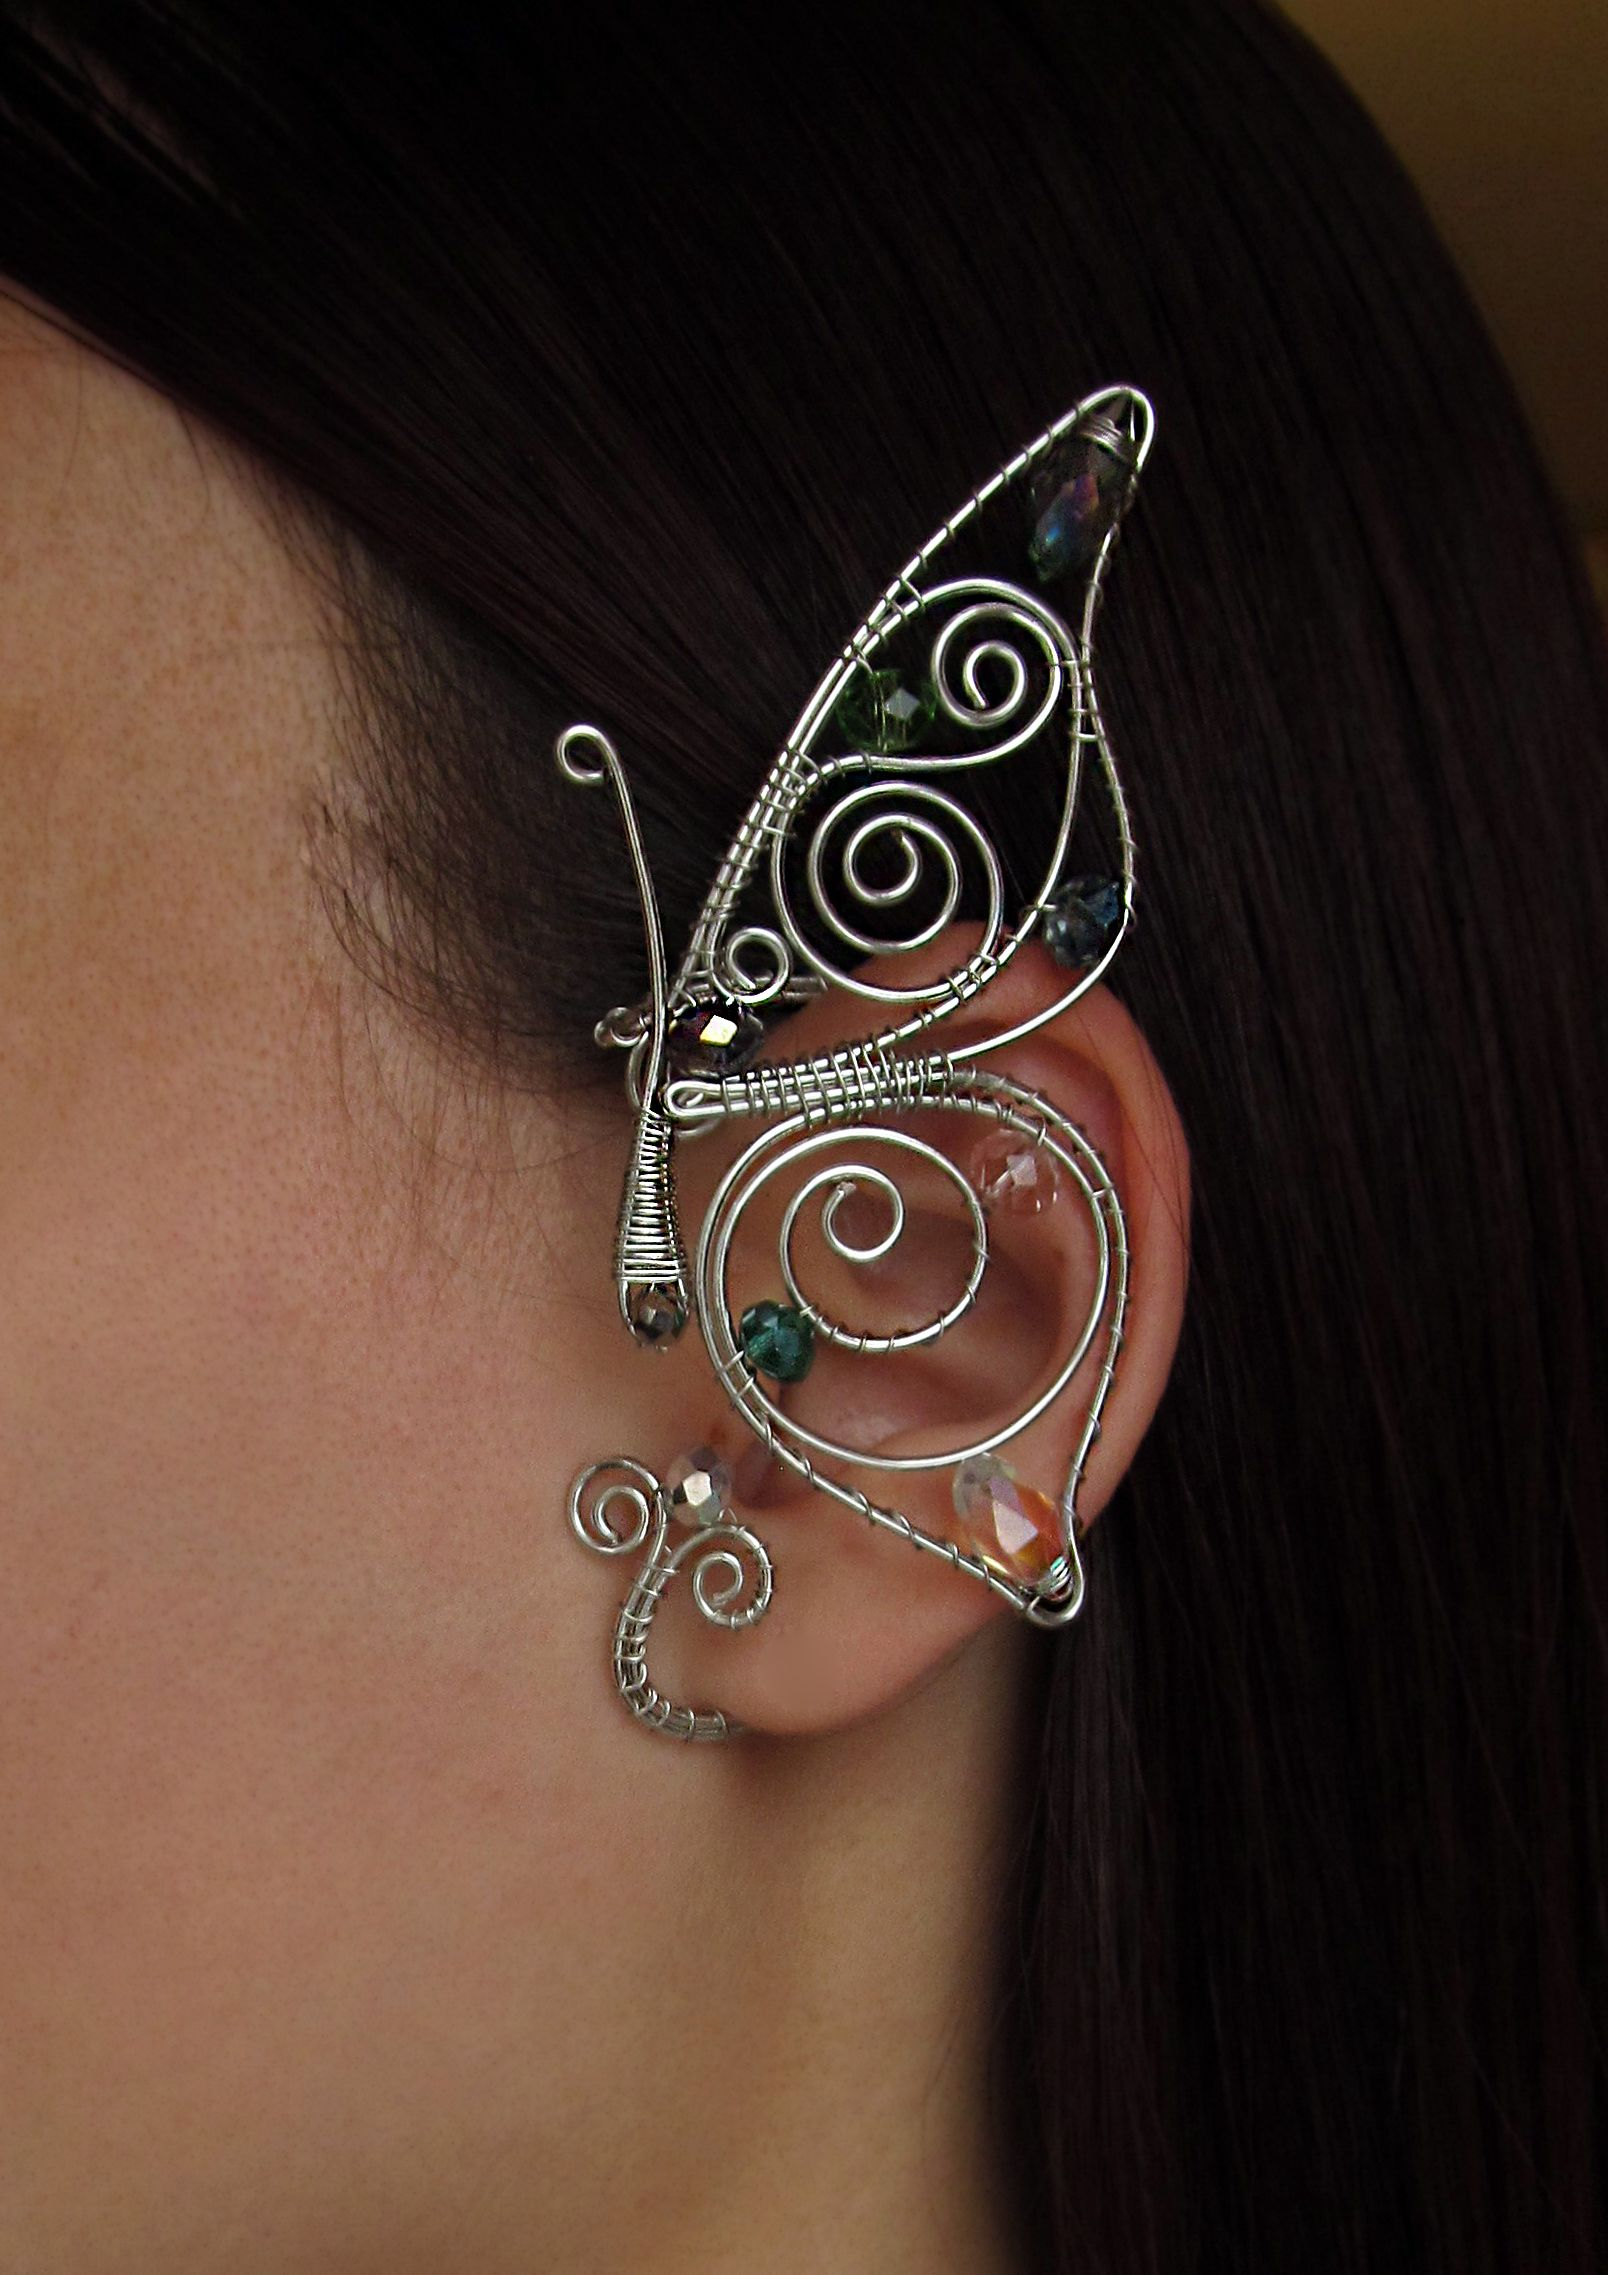 Park Art My WordPress Blog_How Do You Put On An Ear Cuff